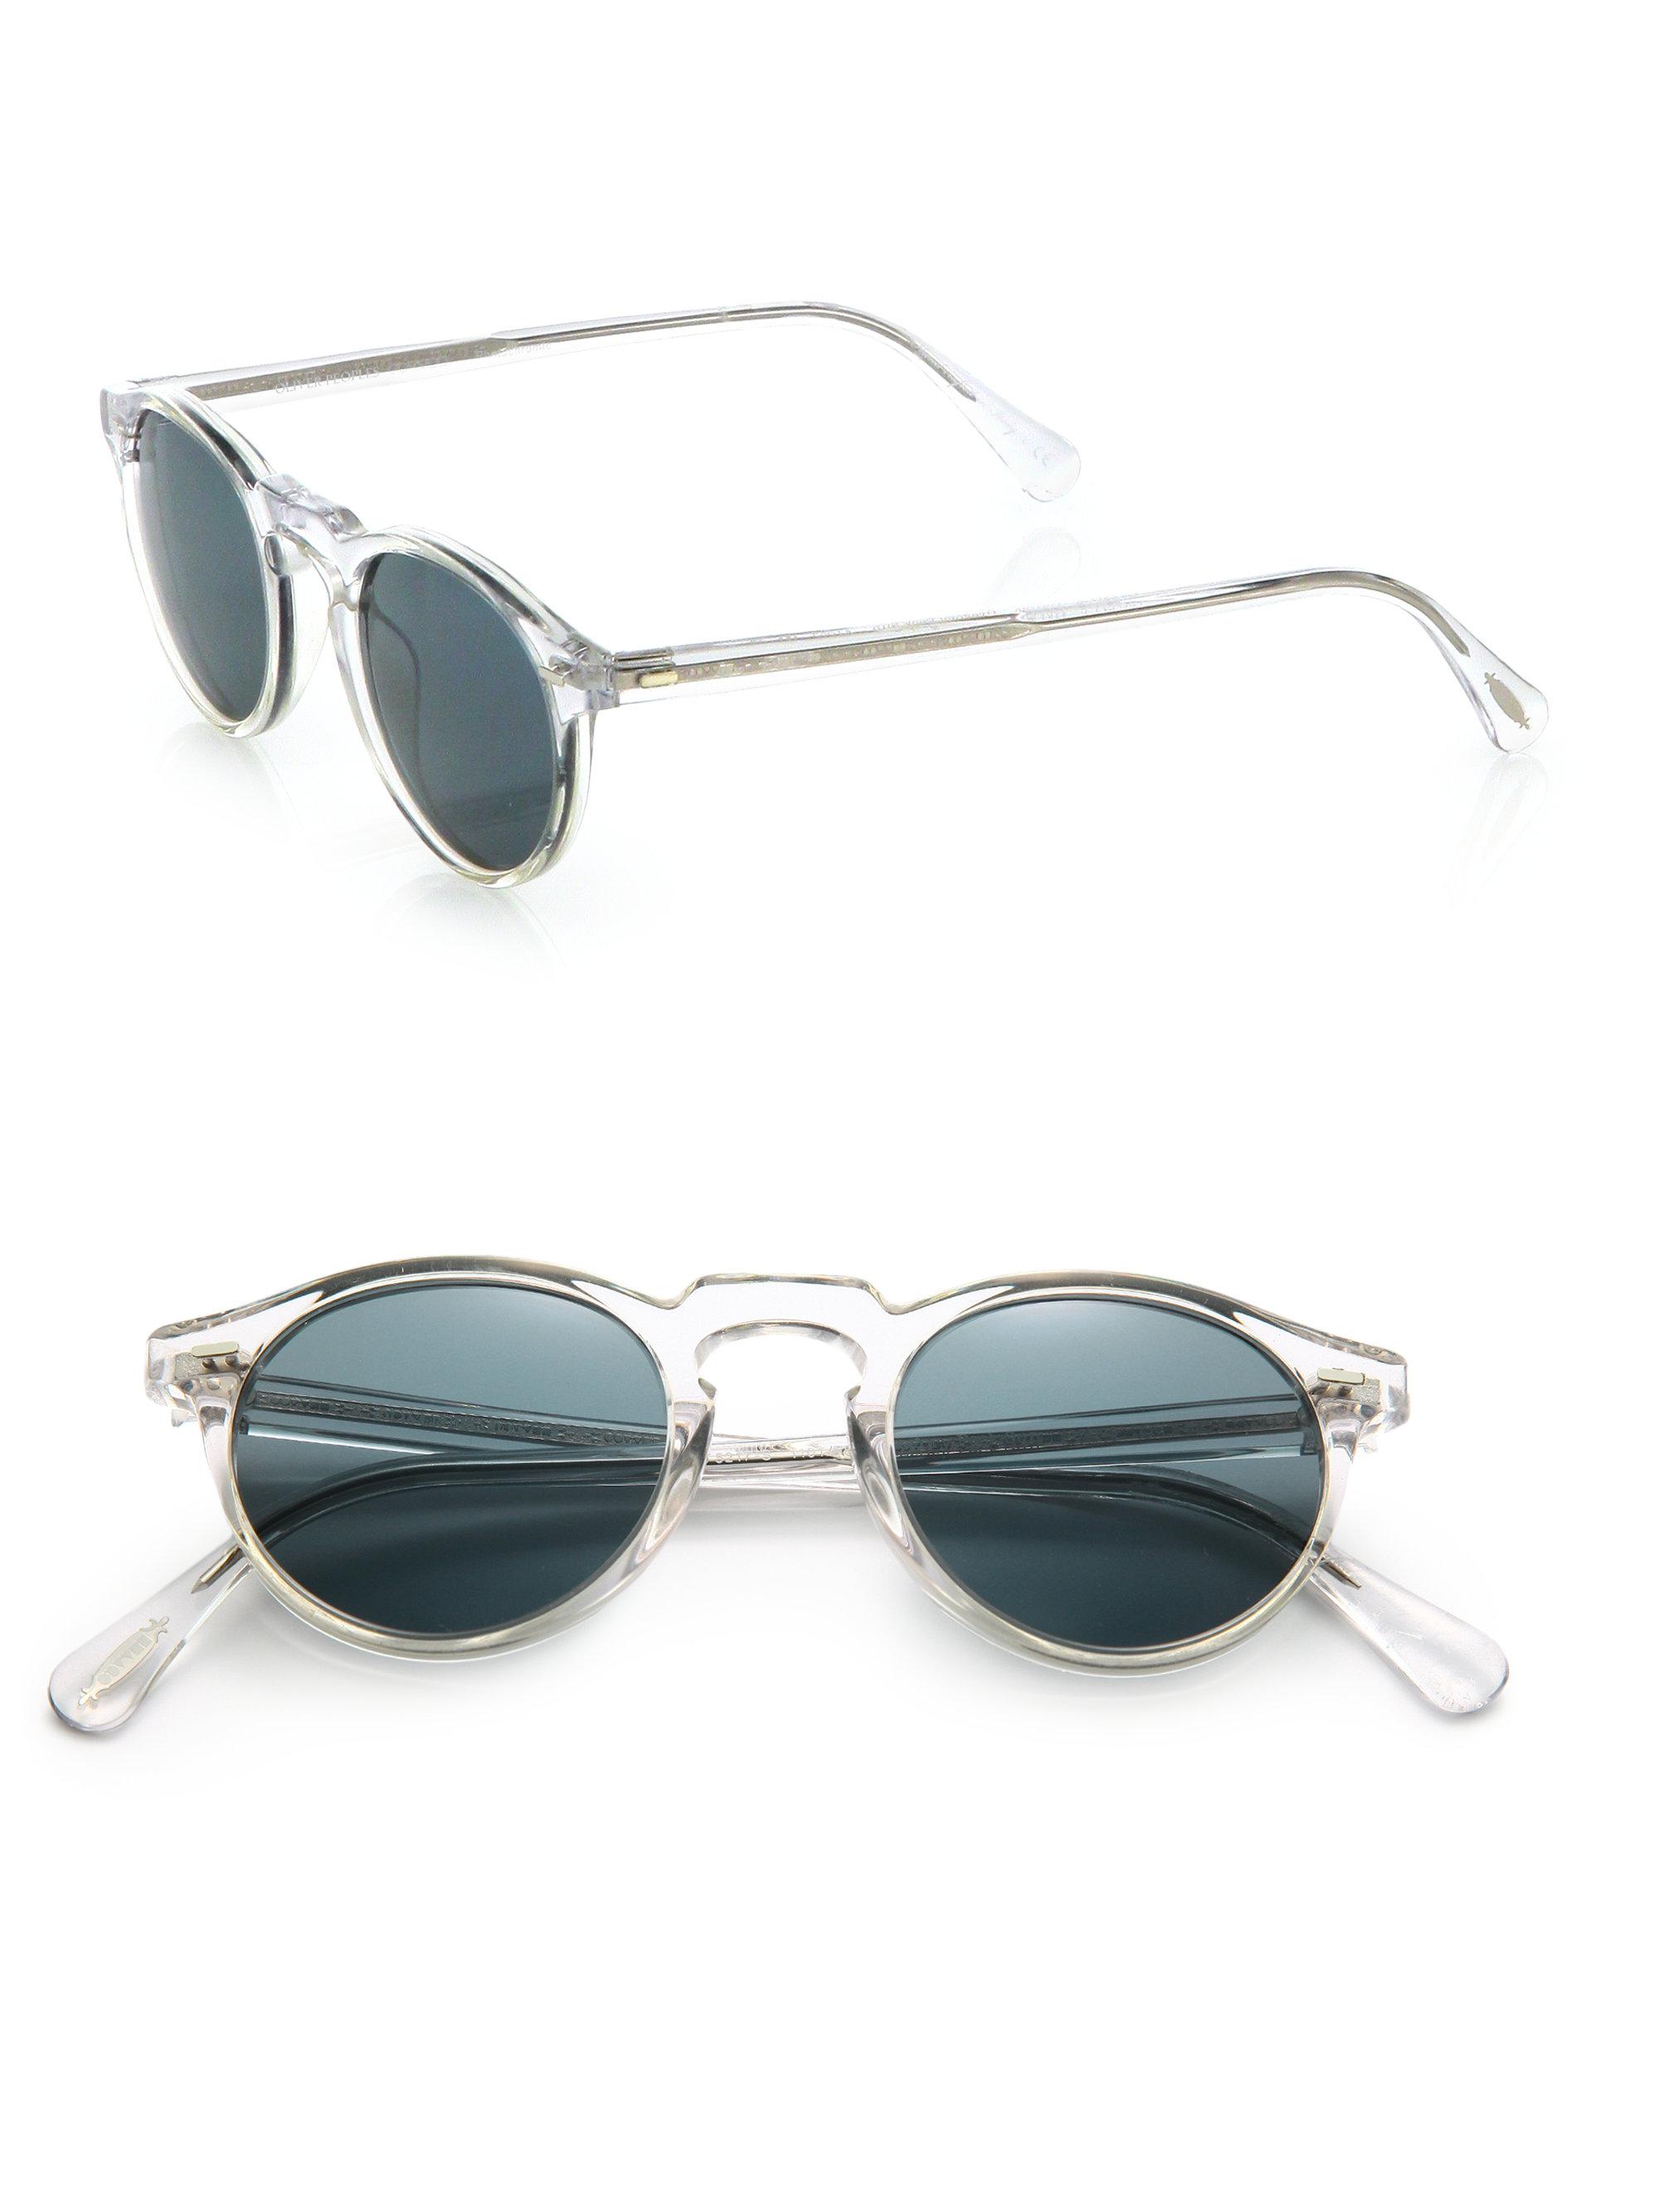 oliver peoples gregory peck sunglasses uk. Black Bedroom Furniture Sets. Home Design Ideas